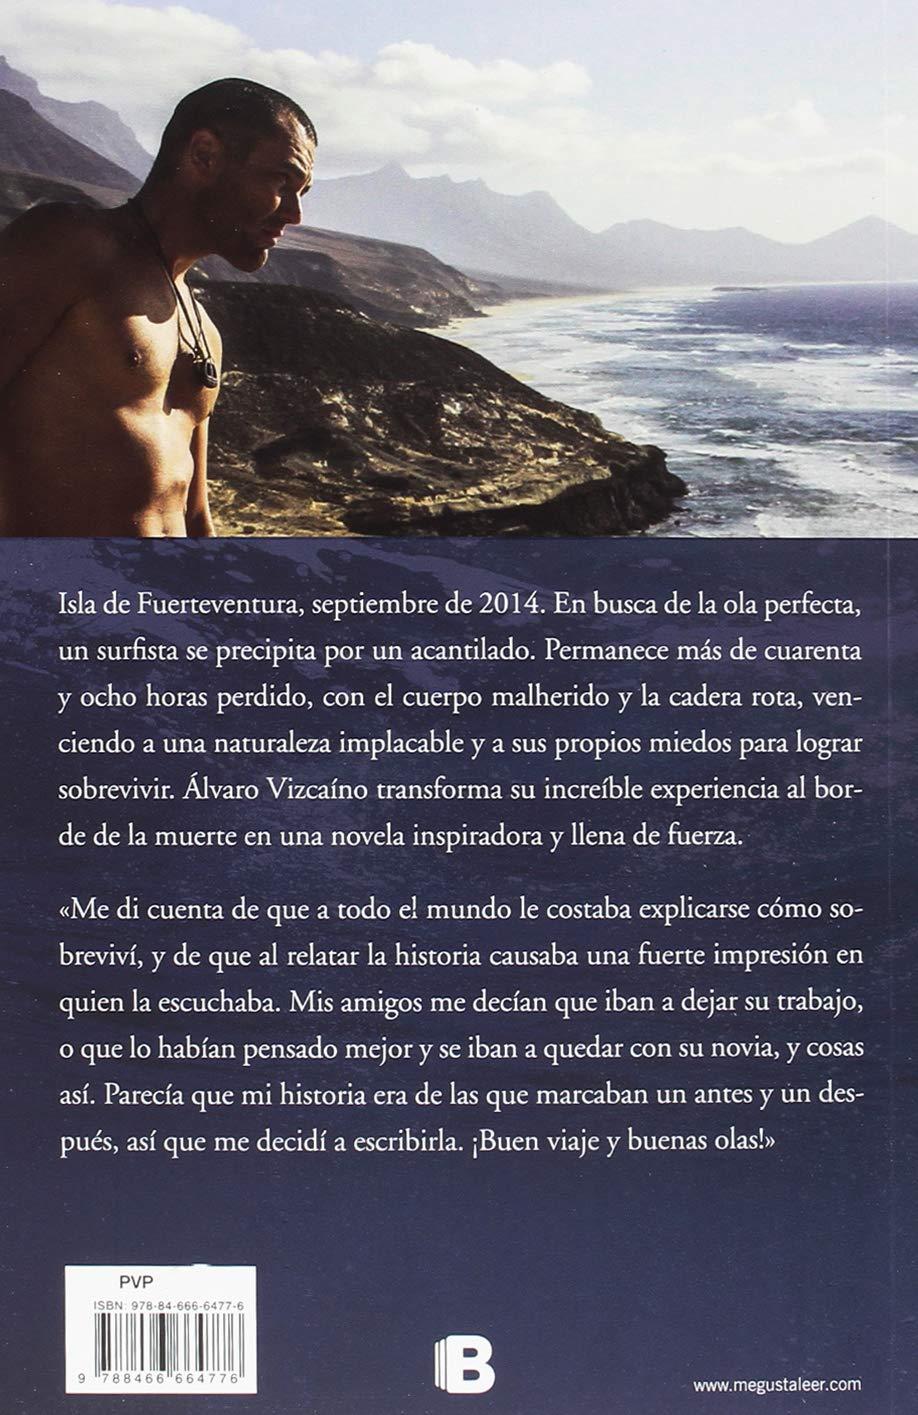 Solo (Varios): Amazon.es: Álvaro Vizcaíno: Libros